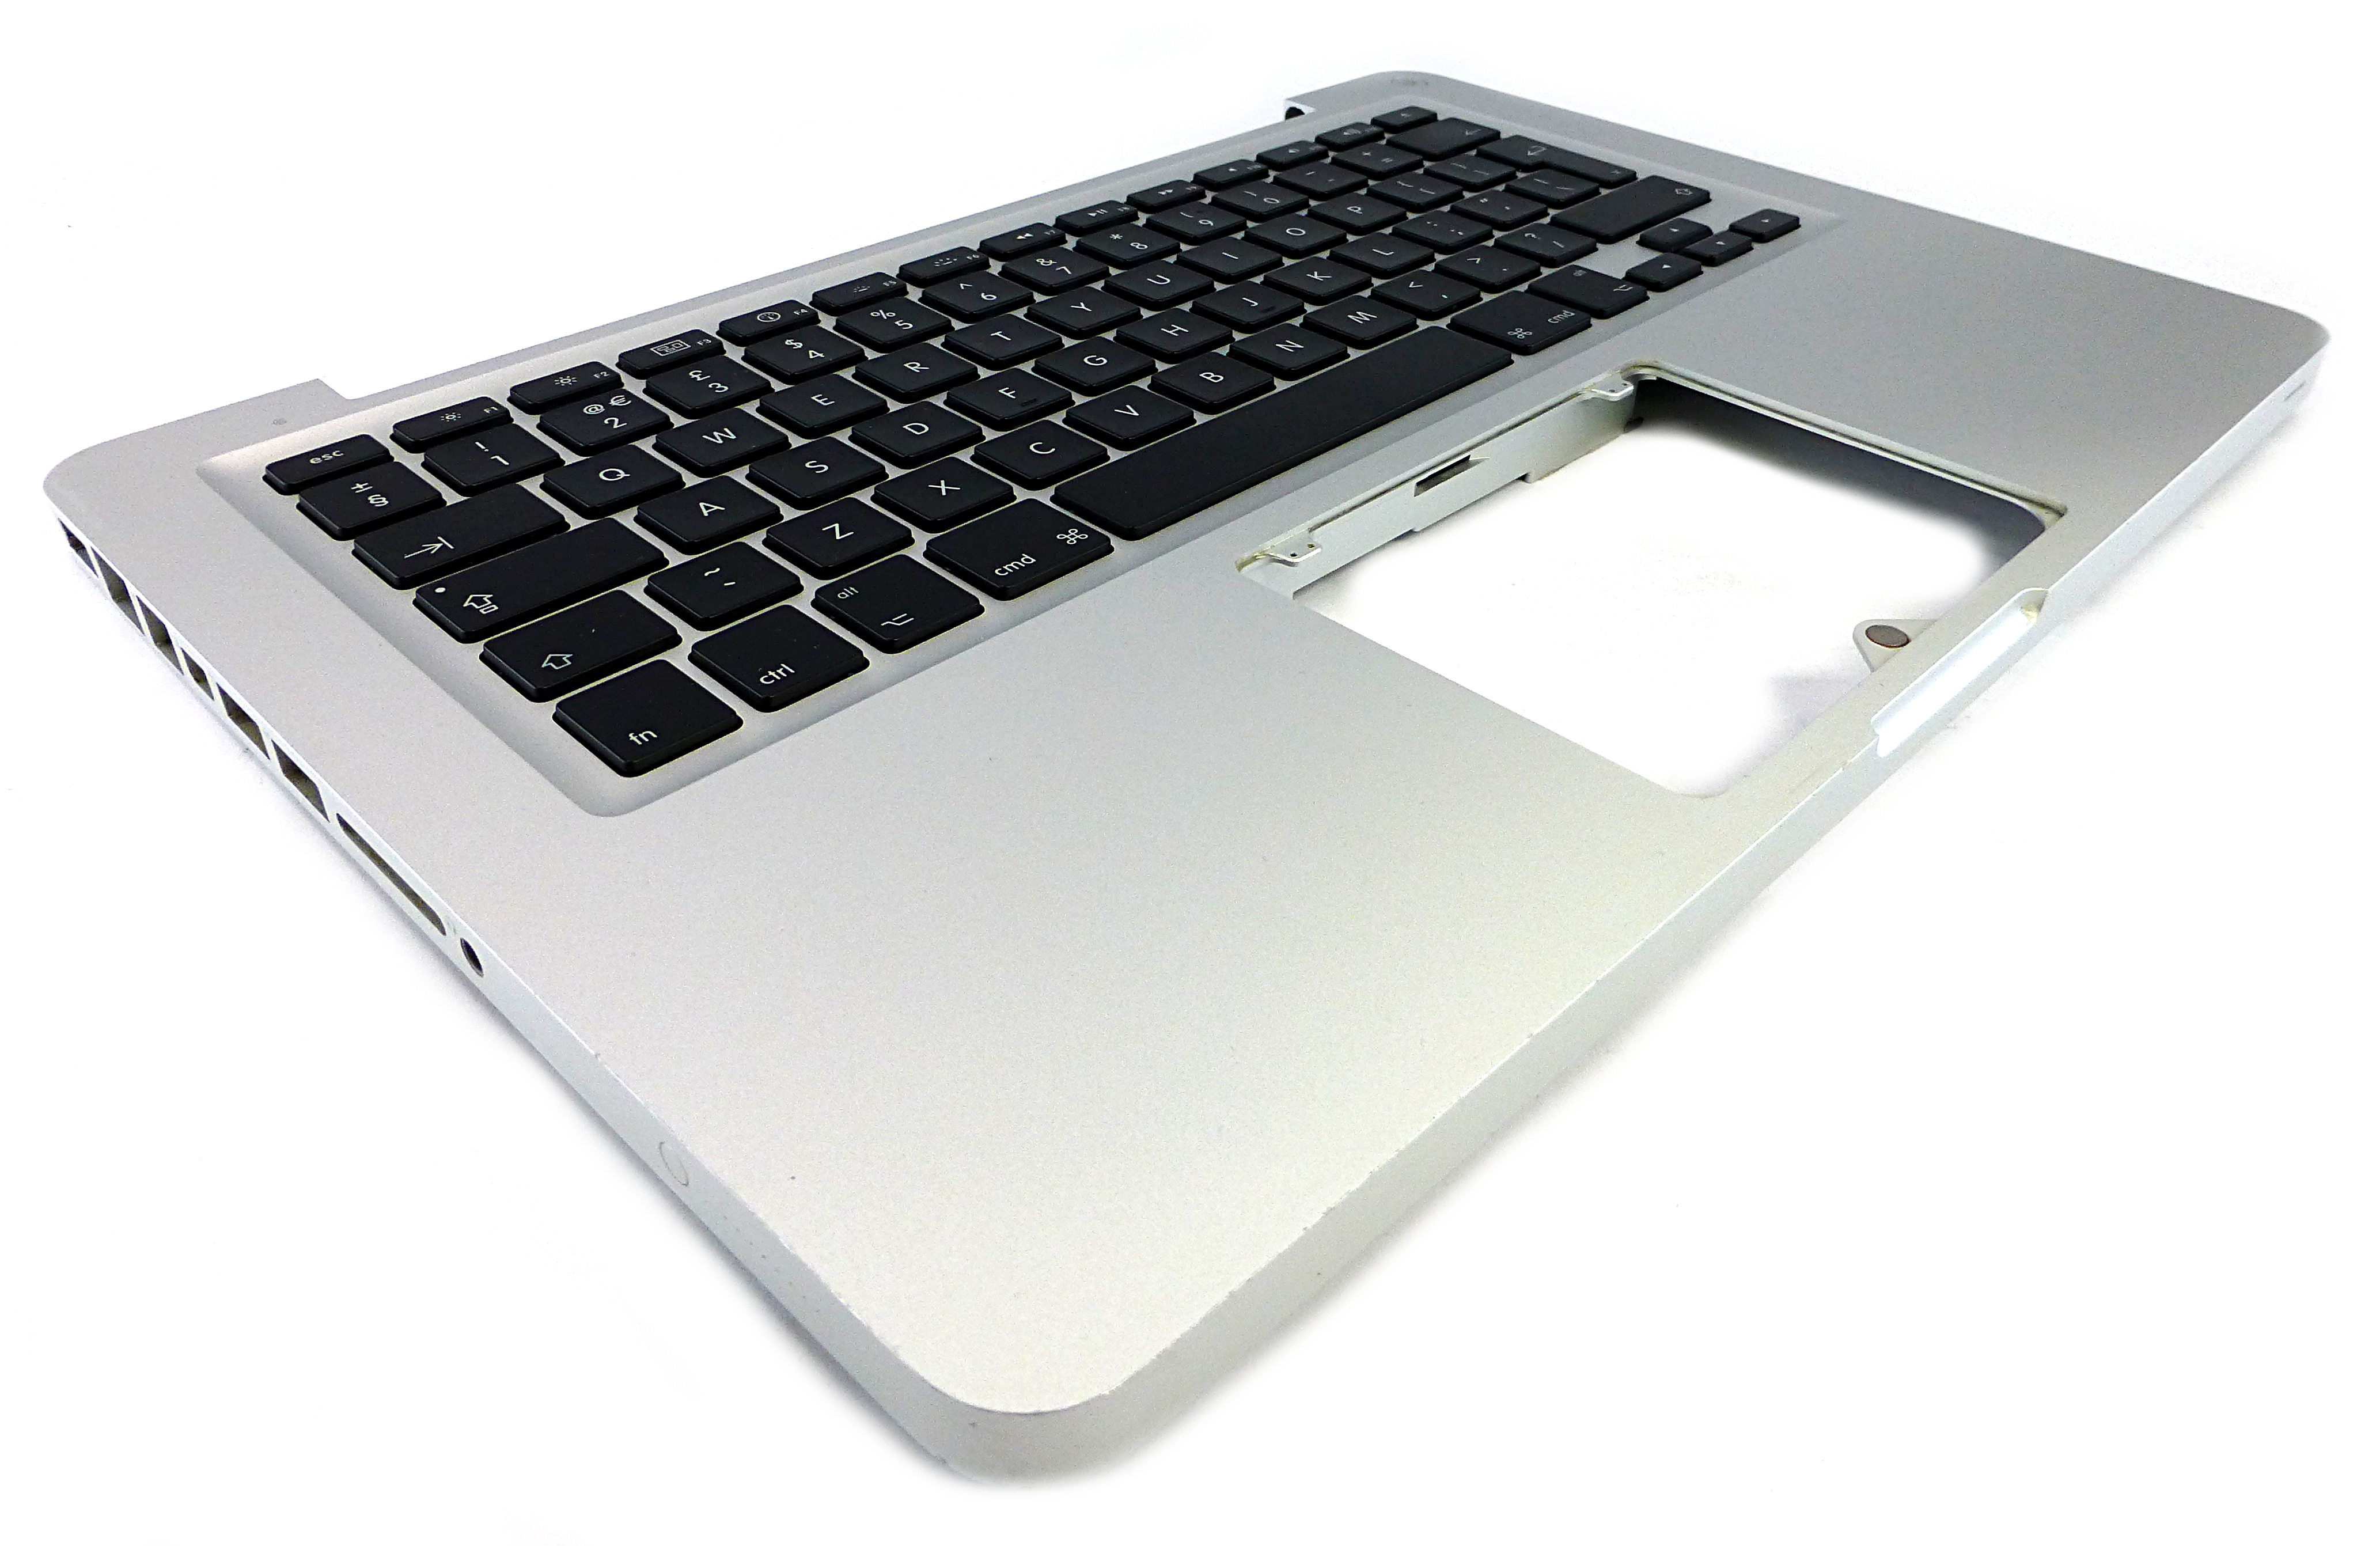 """613-7799-18 Apple MacBook Pro 13"""" Mid-2009 Top Case & UK Keyboard A1278 EMC 2326"""